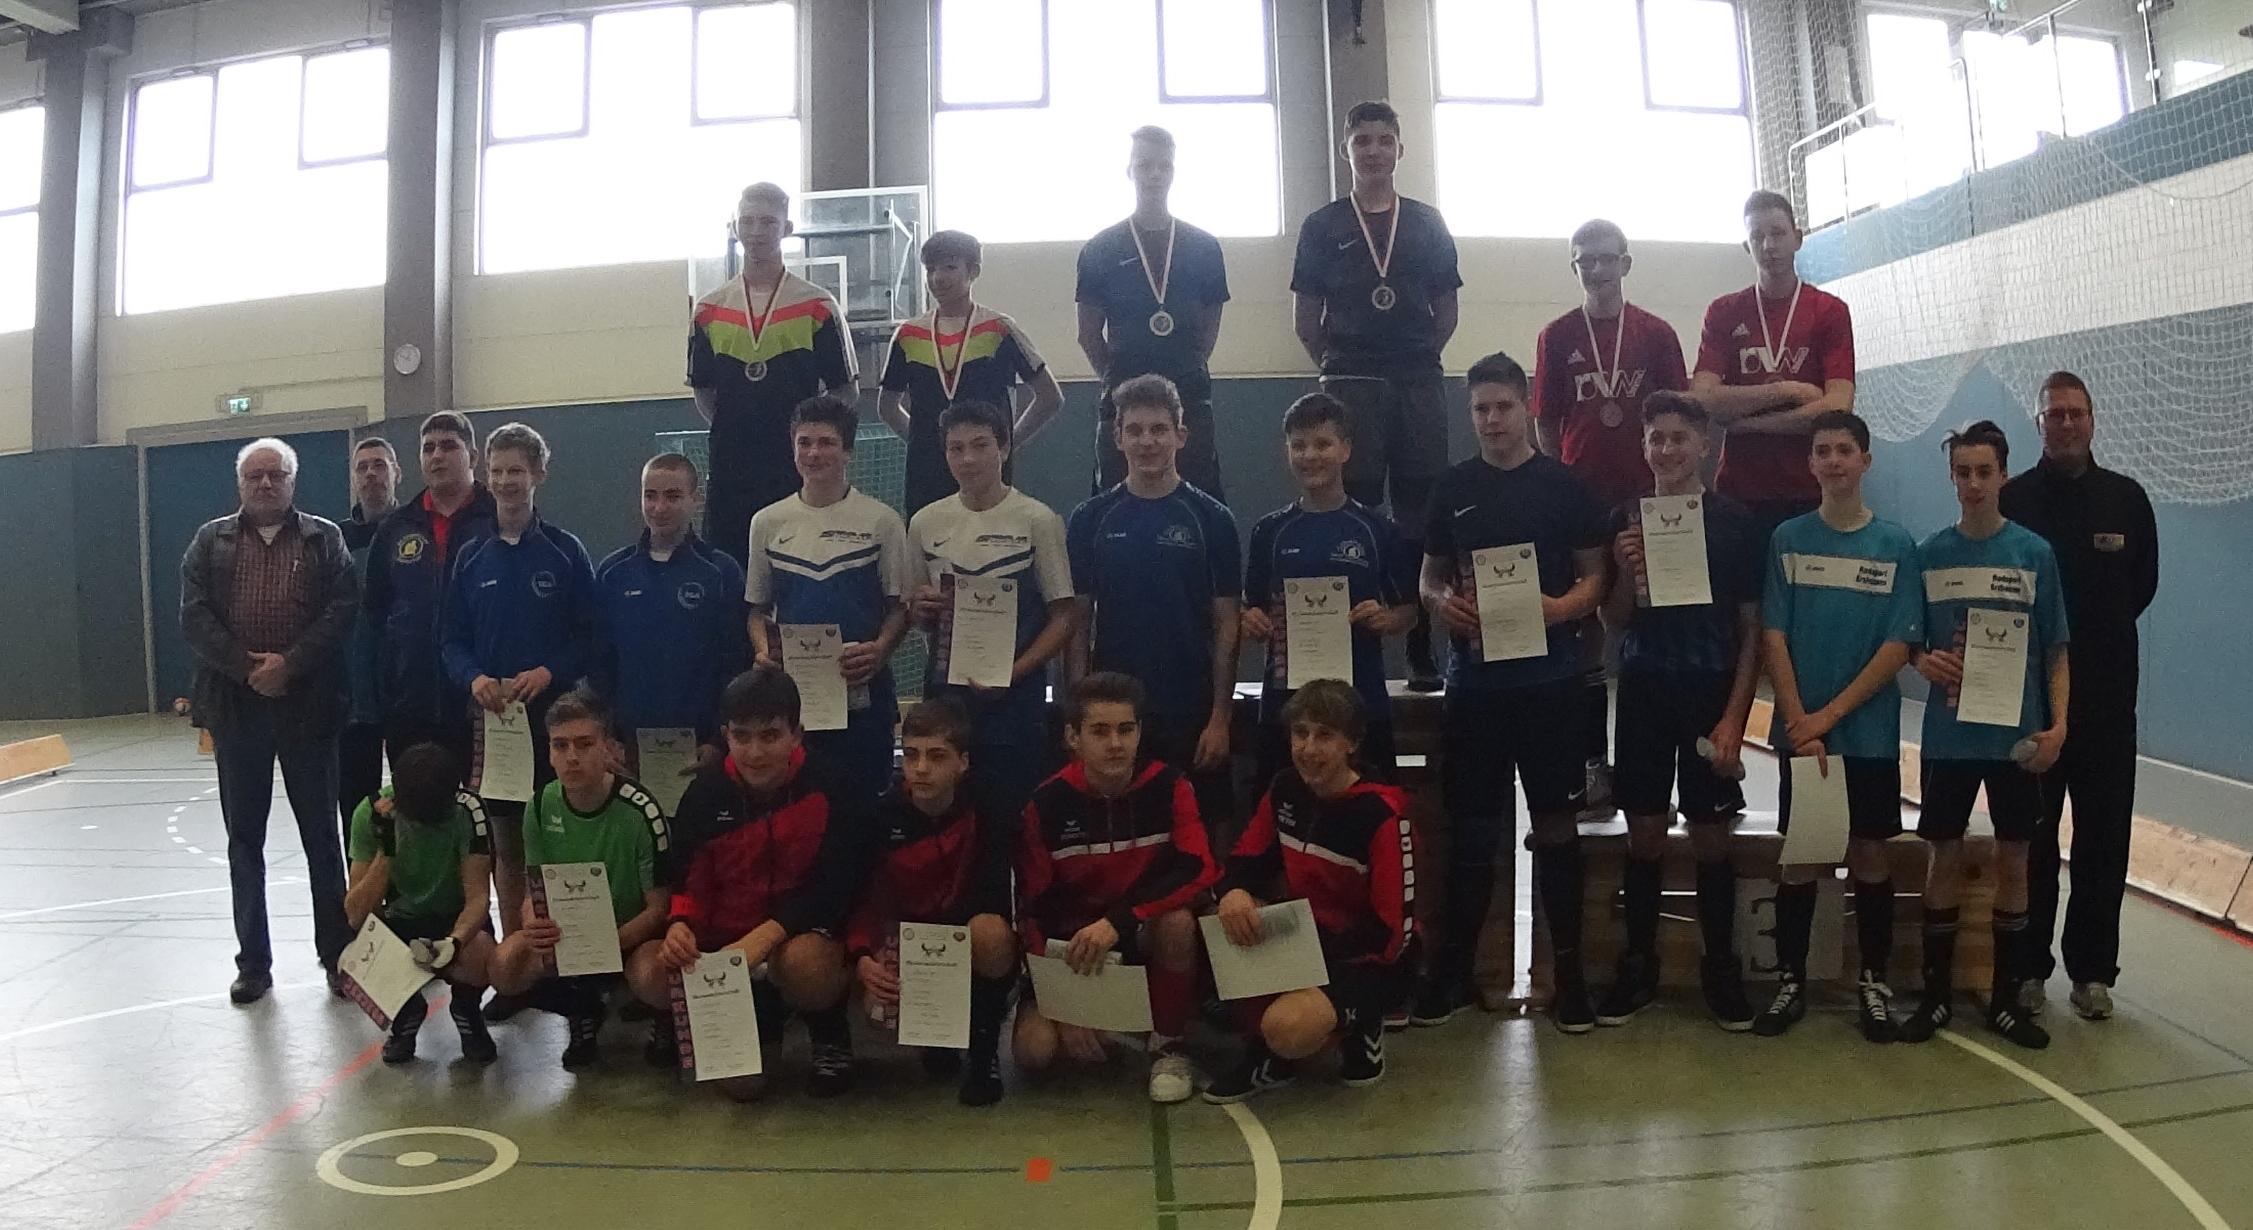 170219 Hessenmeisterschaft U17-100